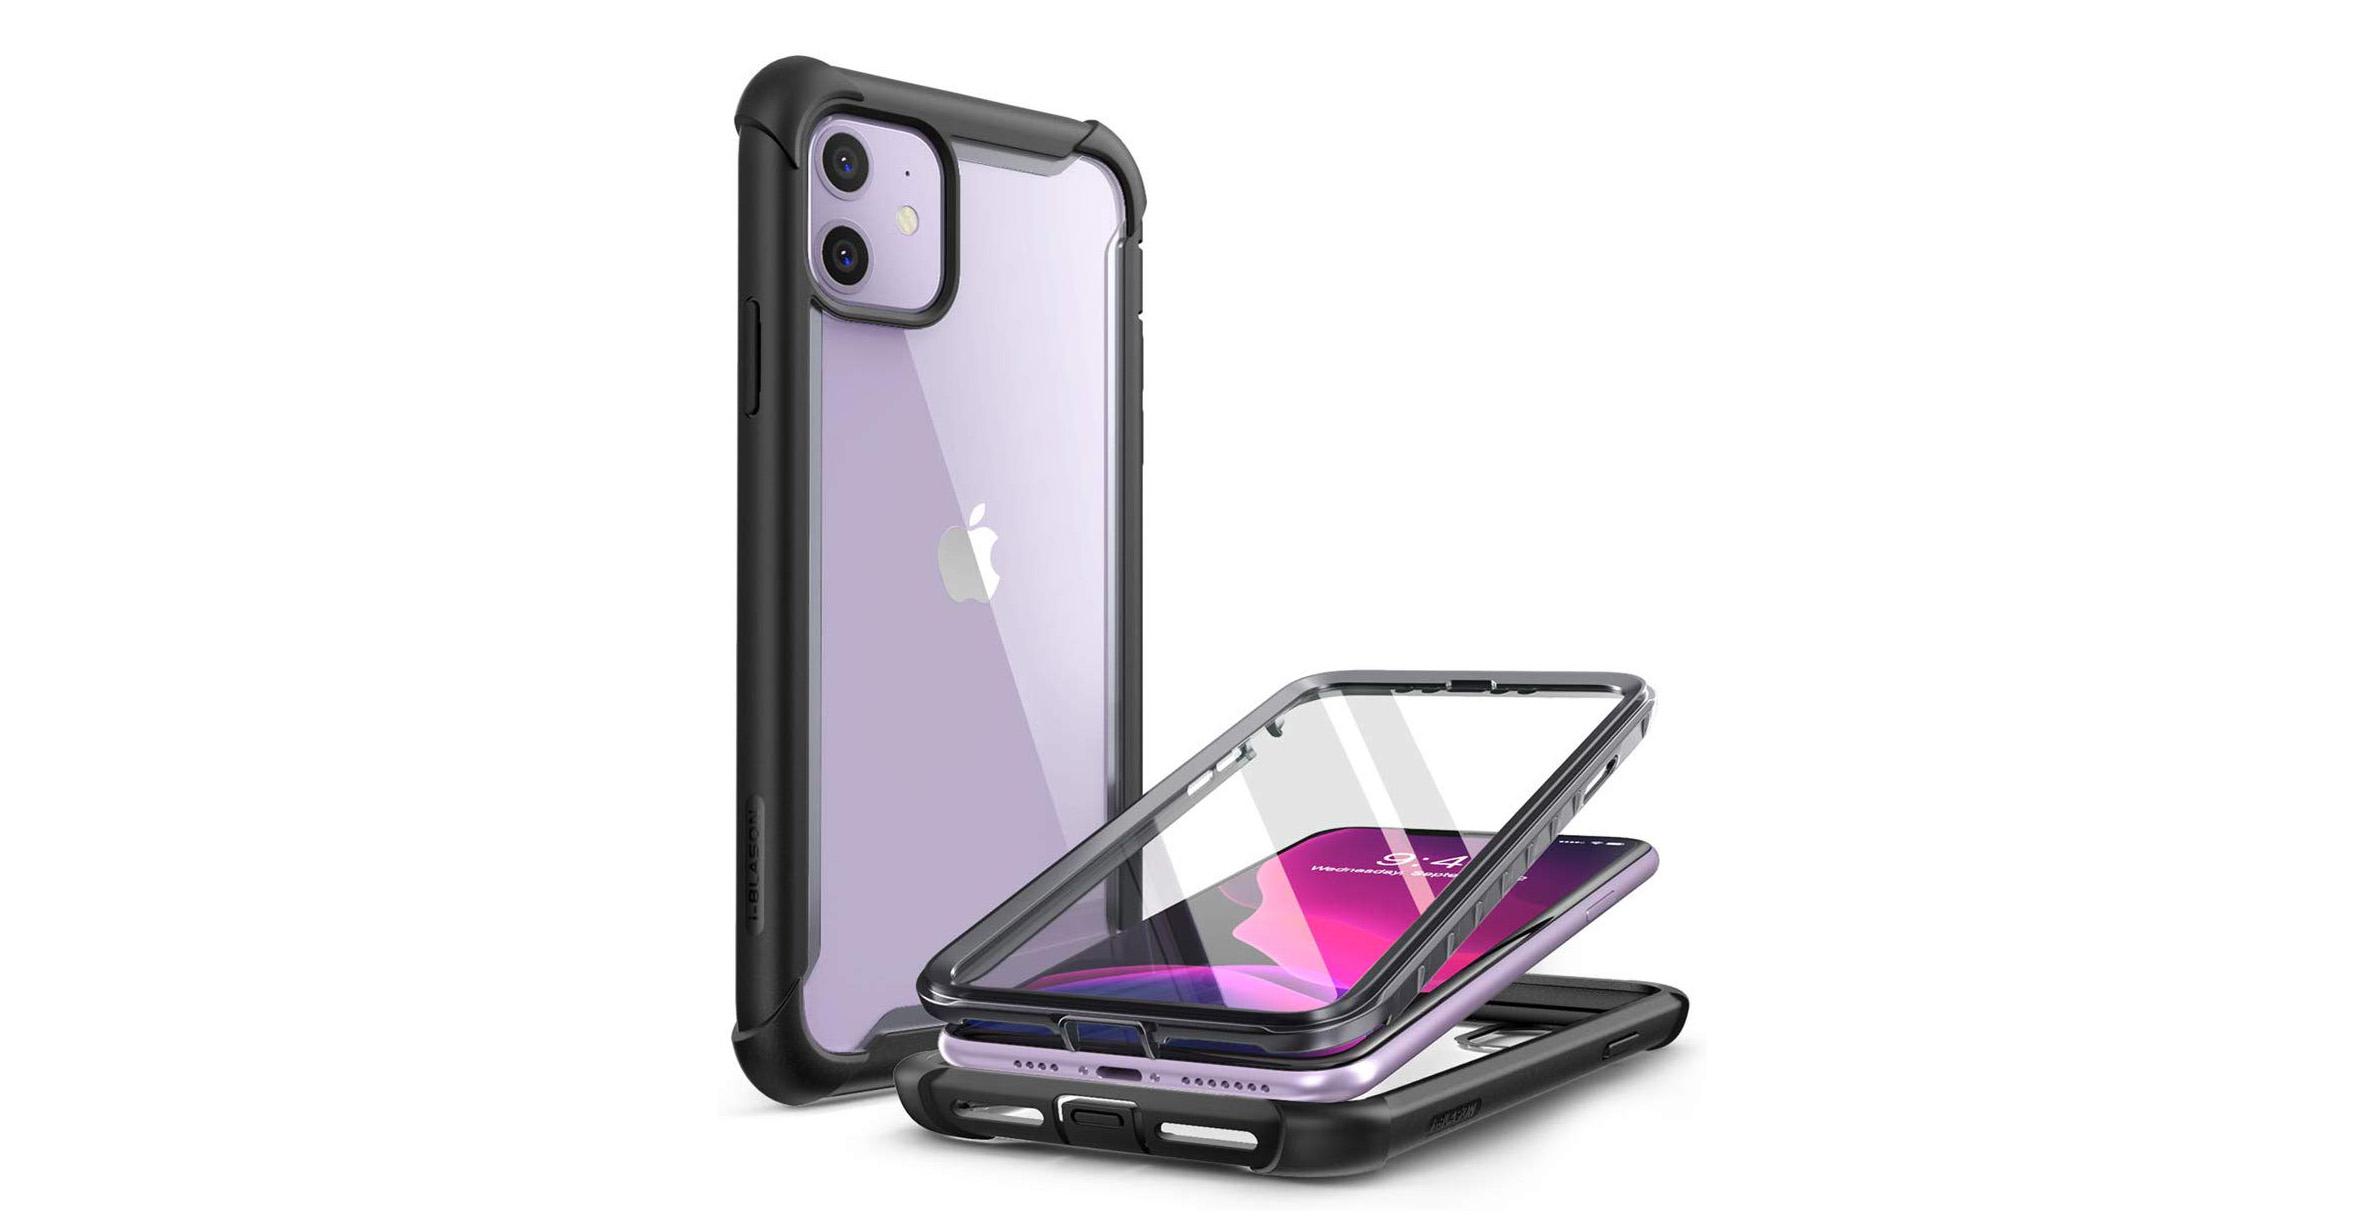 Análisis y opinión Carcasa magnética para iPhone 11/ 11 Pro/ 11 Pro Max